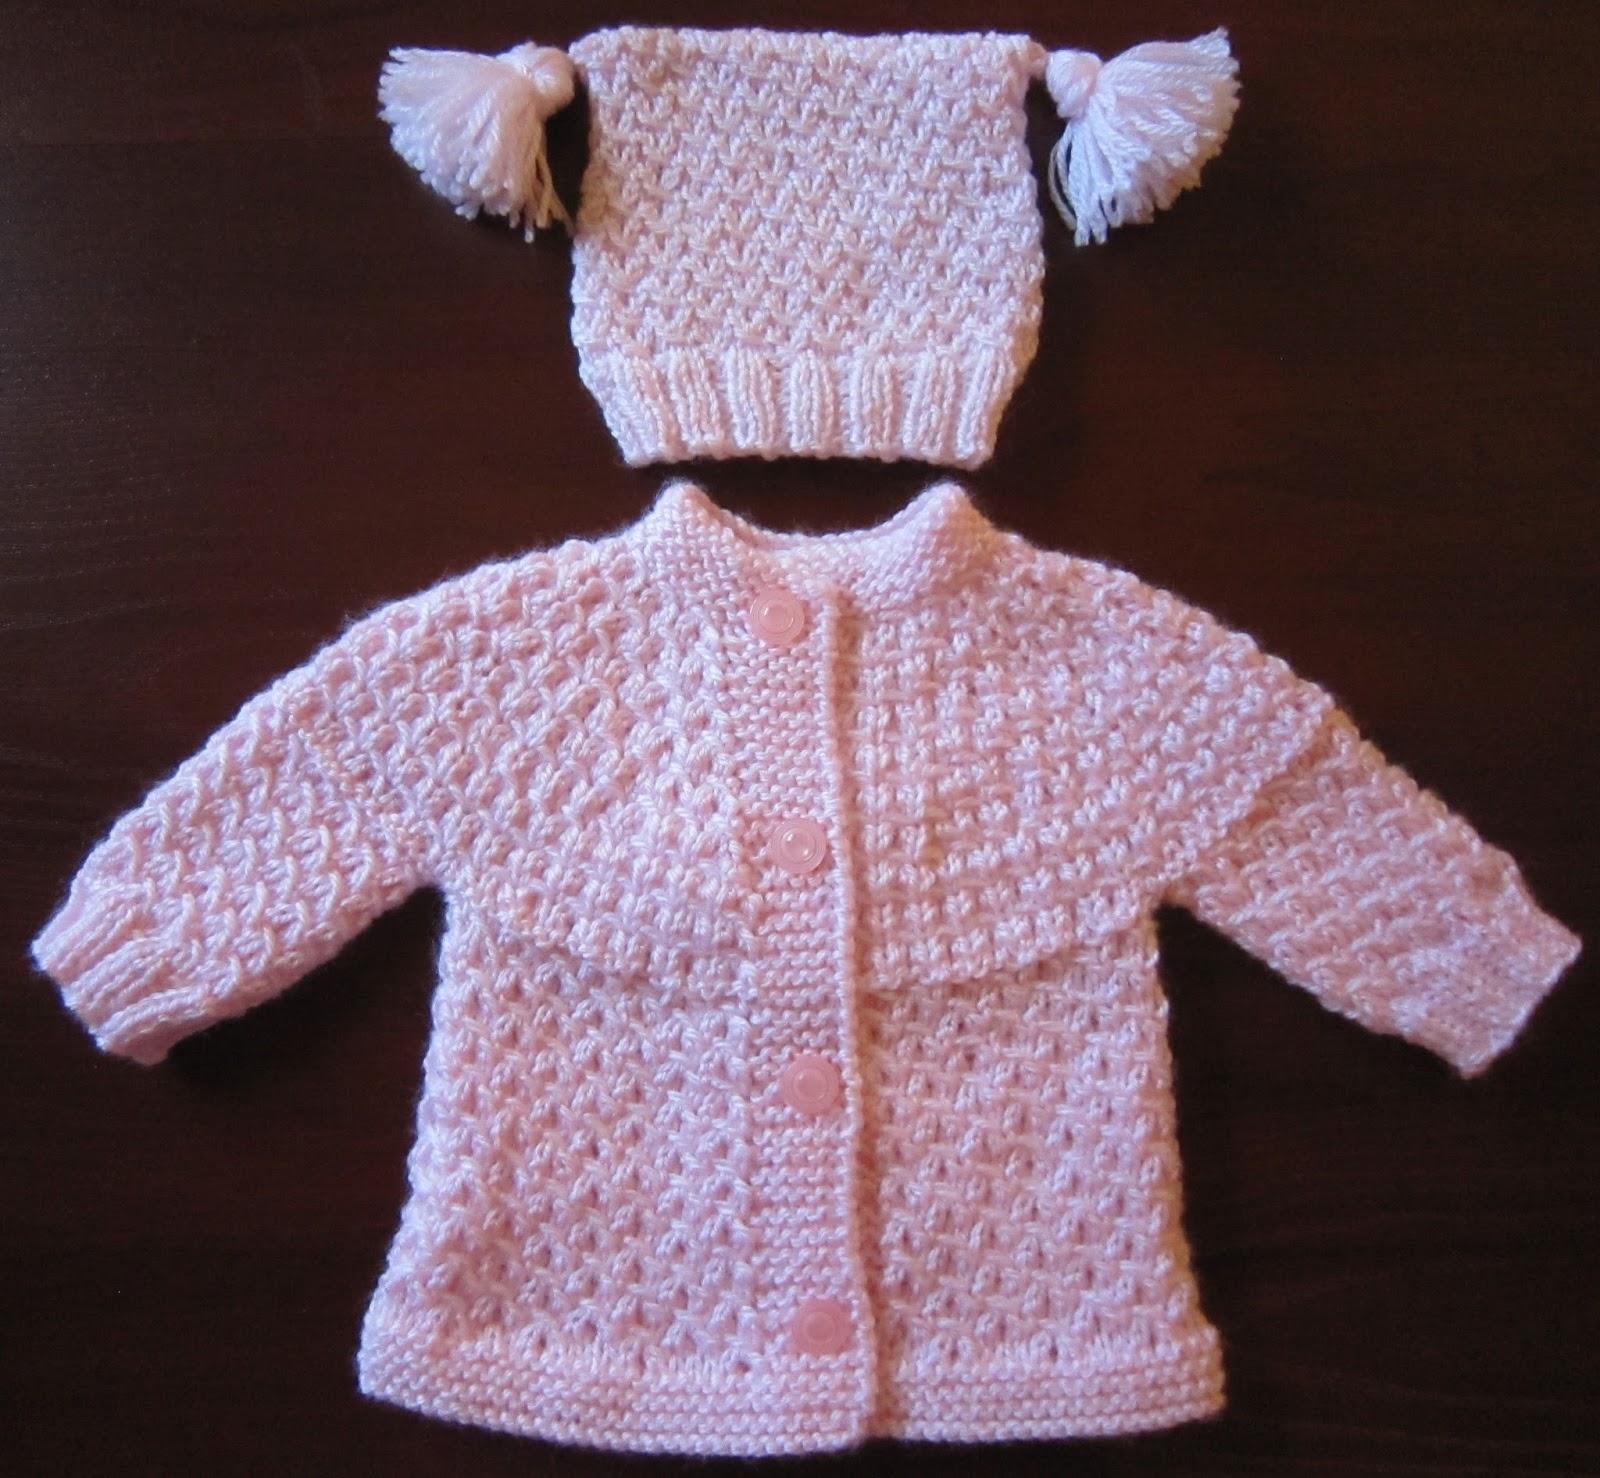 Crochet Preemie Sweater Pattern - Sweater Vest